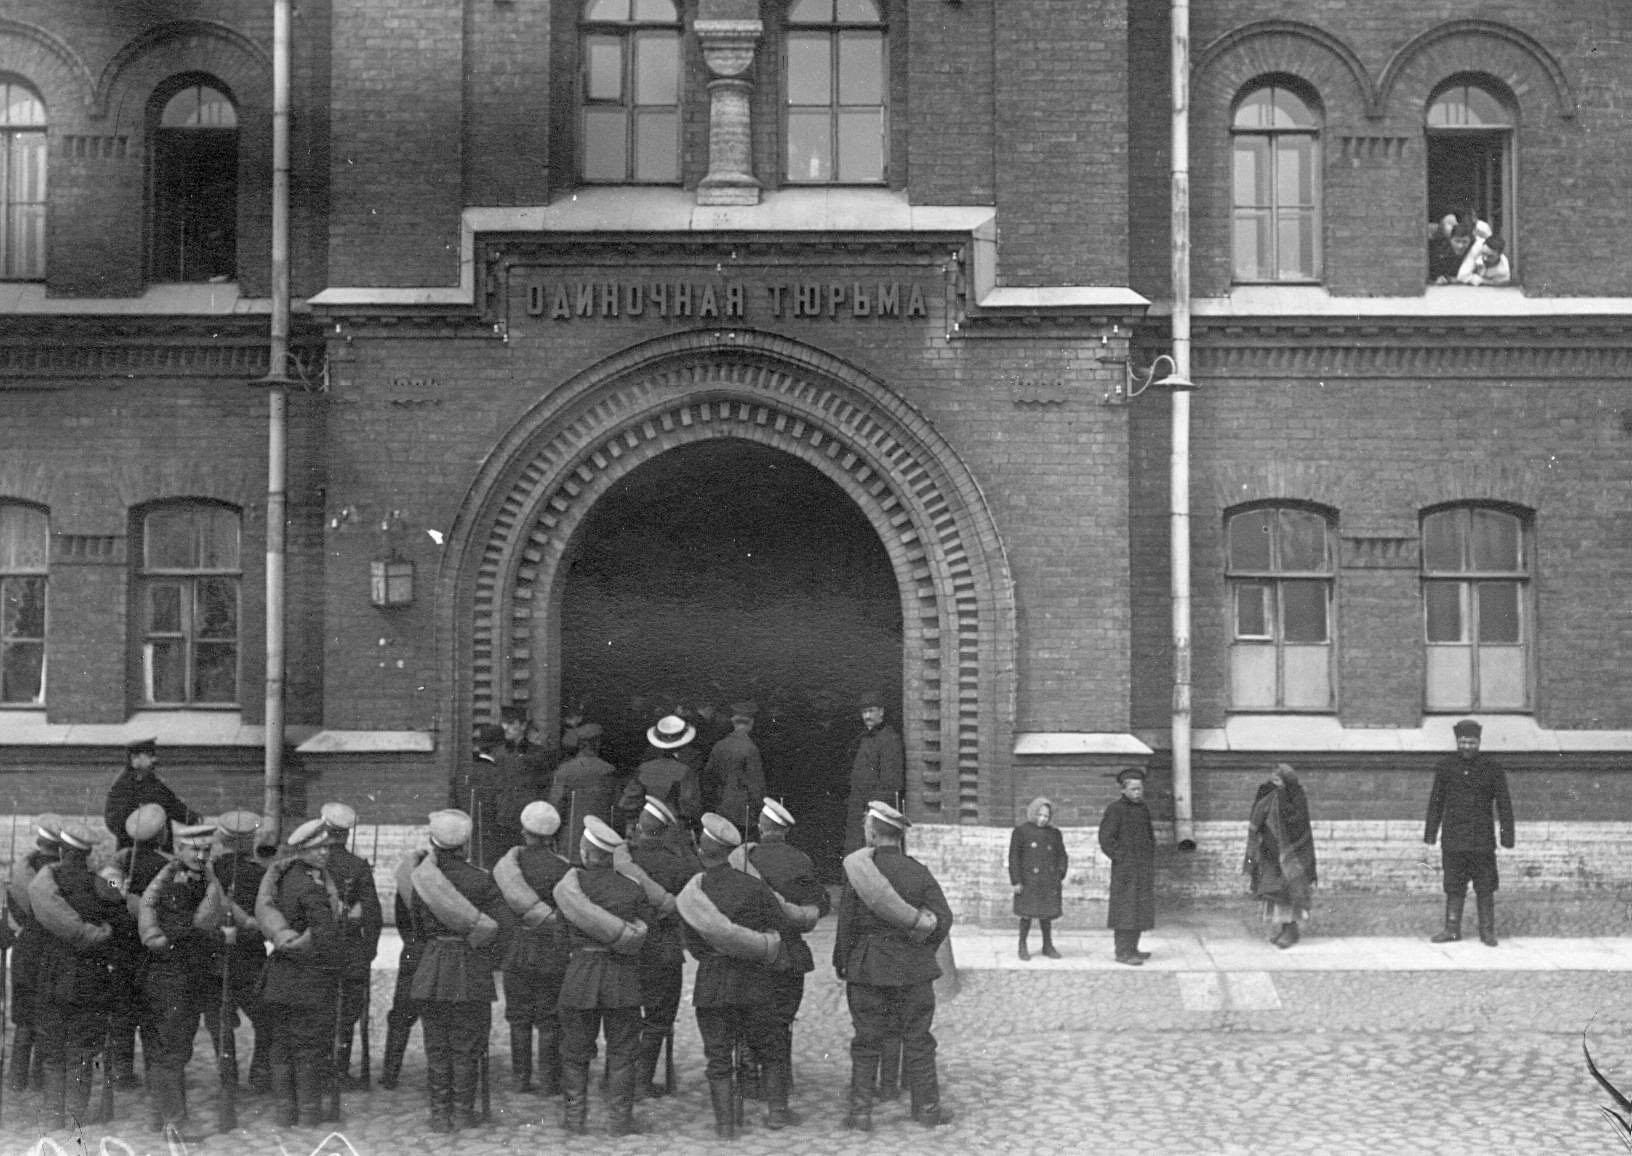 1906. Прибытие в тюрьму депутатов Первой Государственной думы, осужденных на 3 месяца тюрьмы за подписание Выборгского воззвания